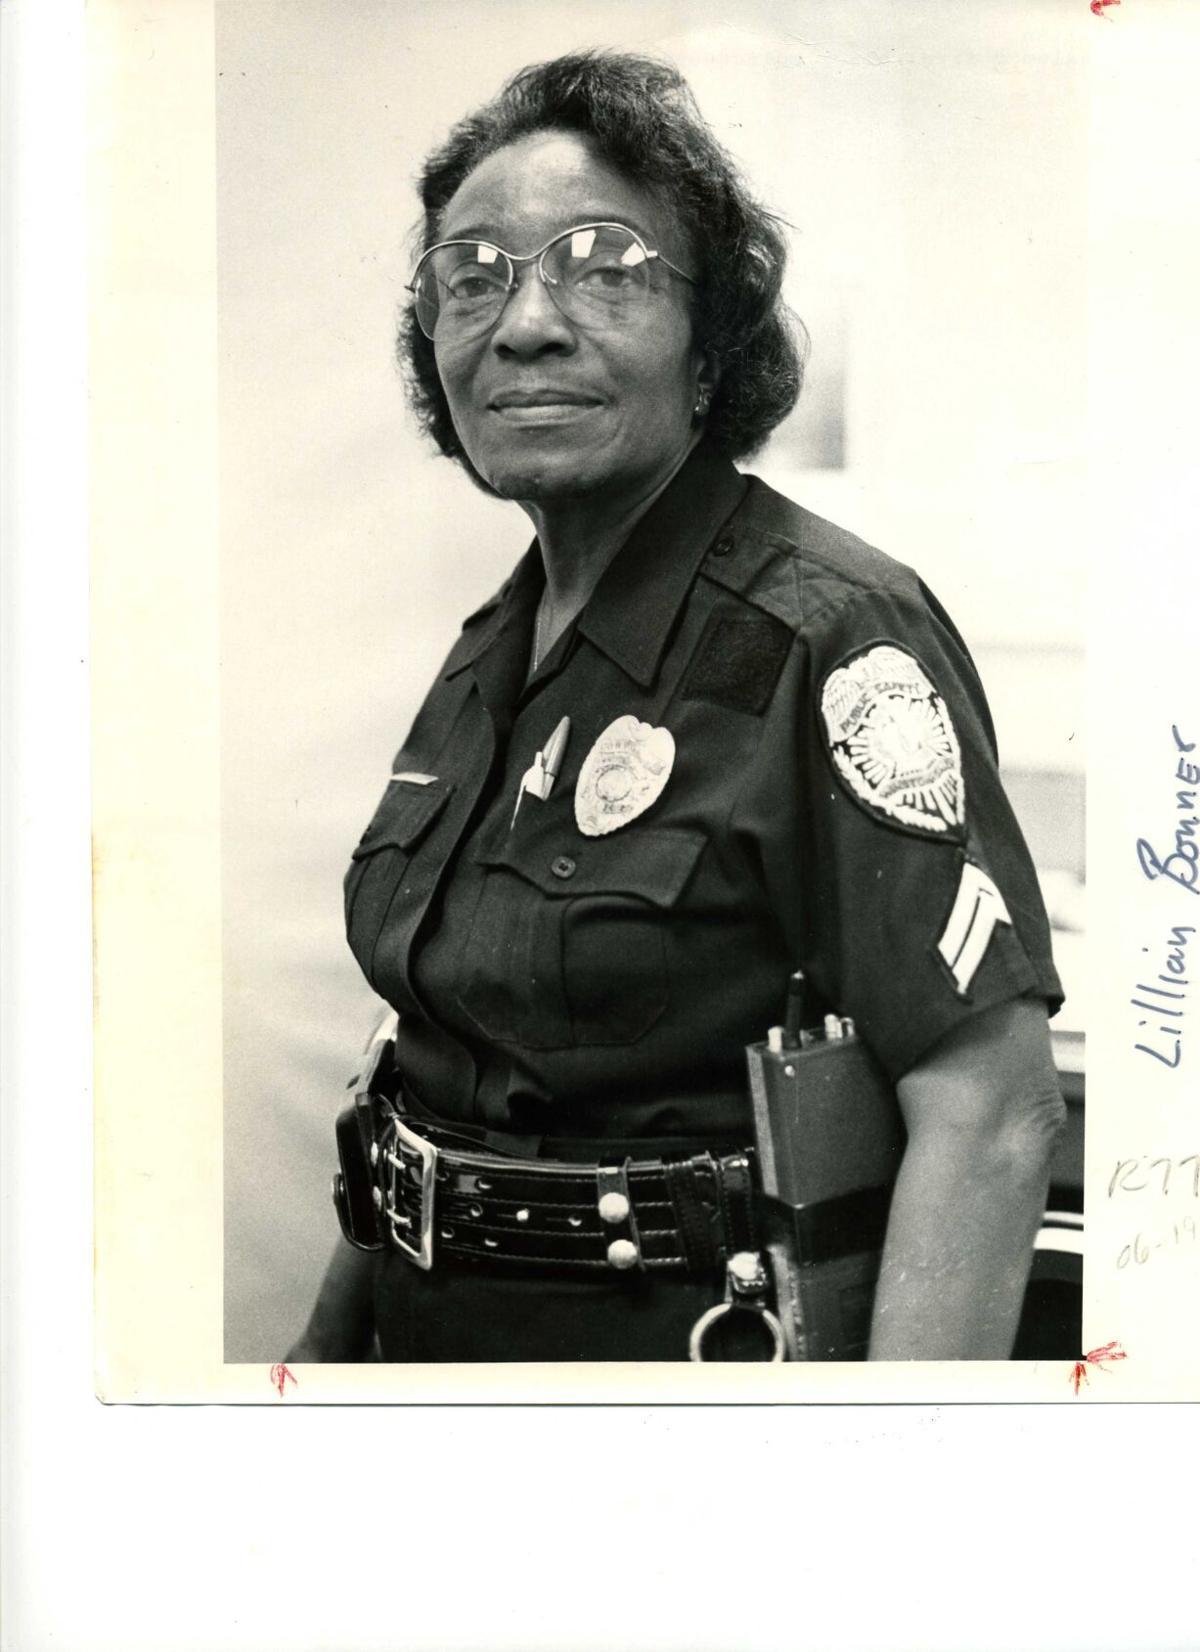 Lillian Bonner